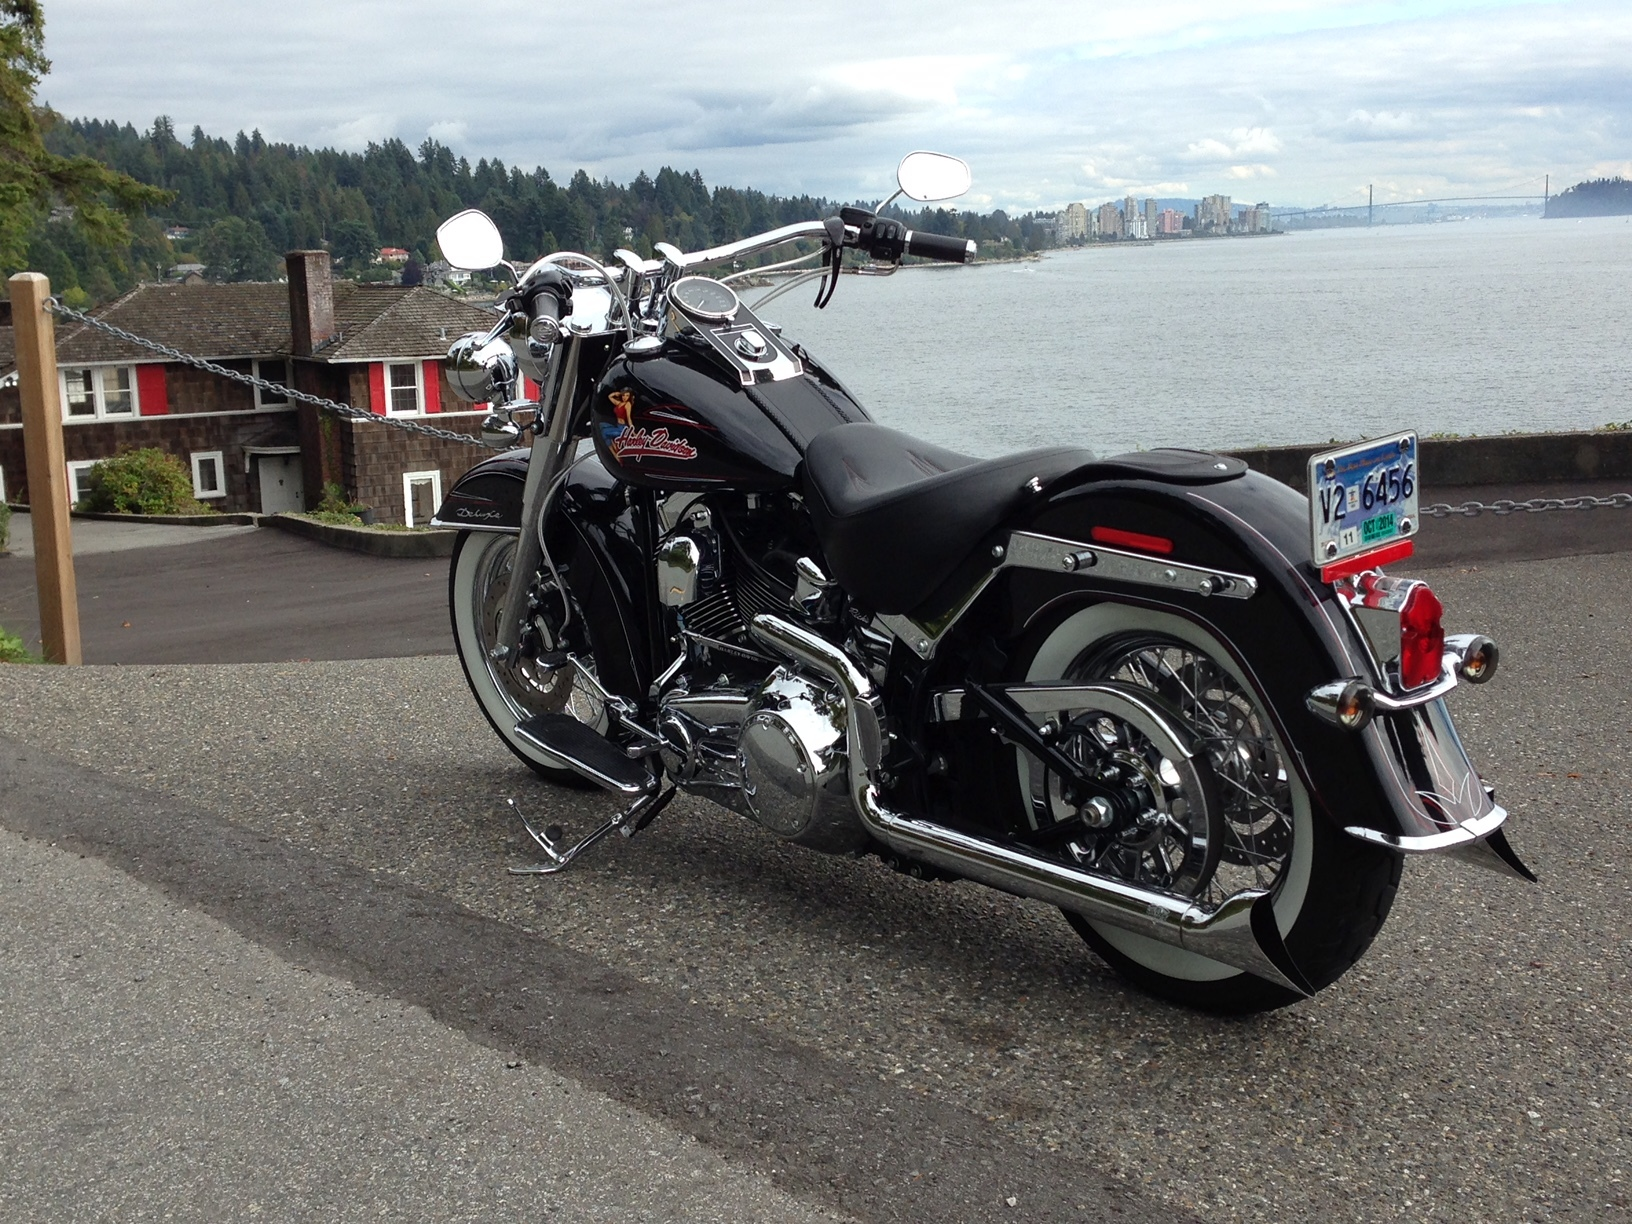 2008 Harley Davidson Softail Deluxe Flstn Autoform